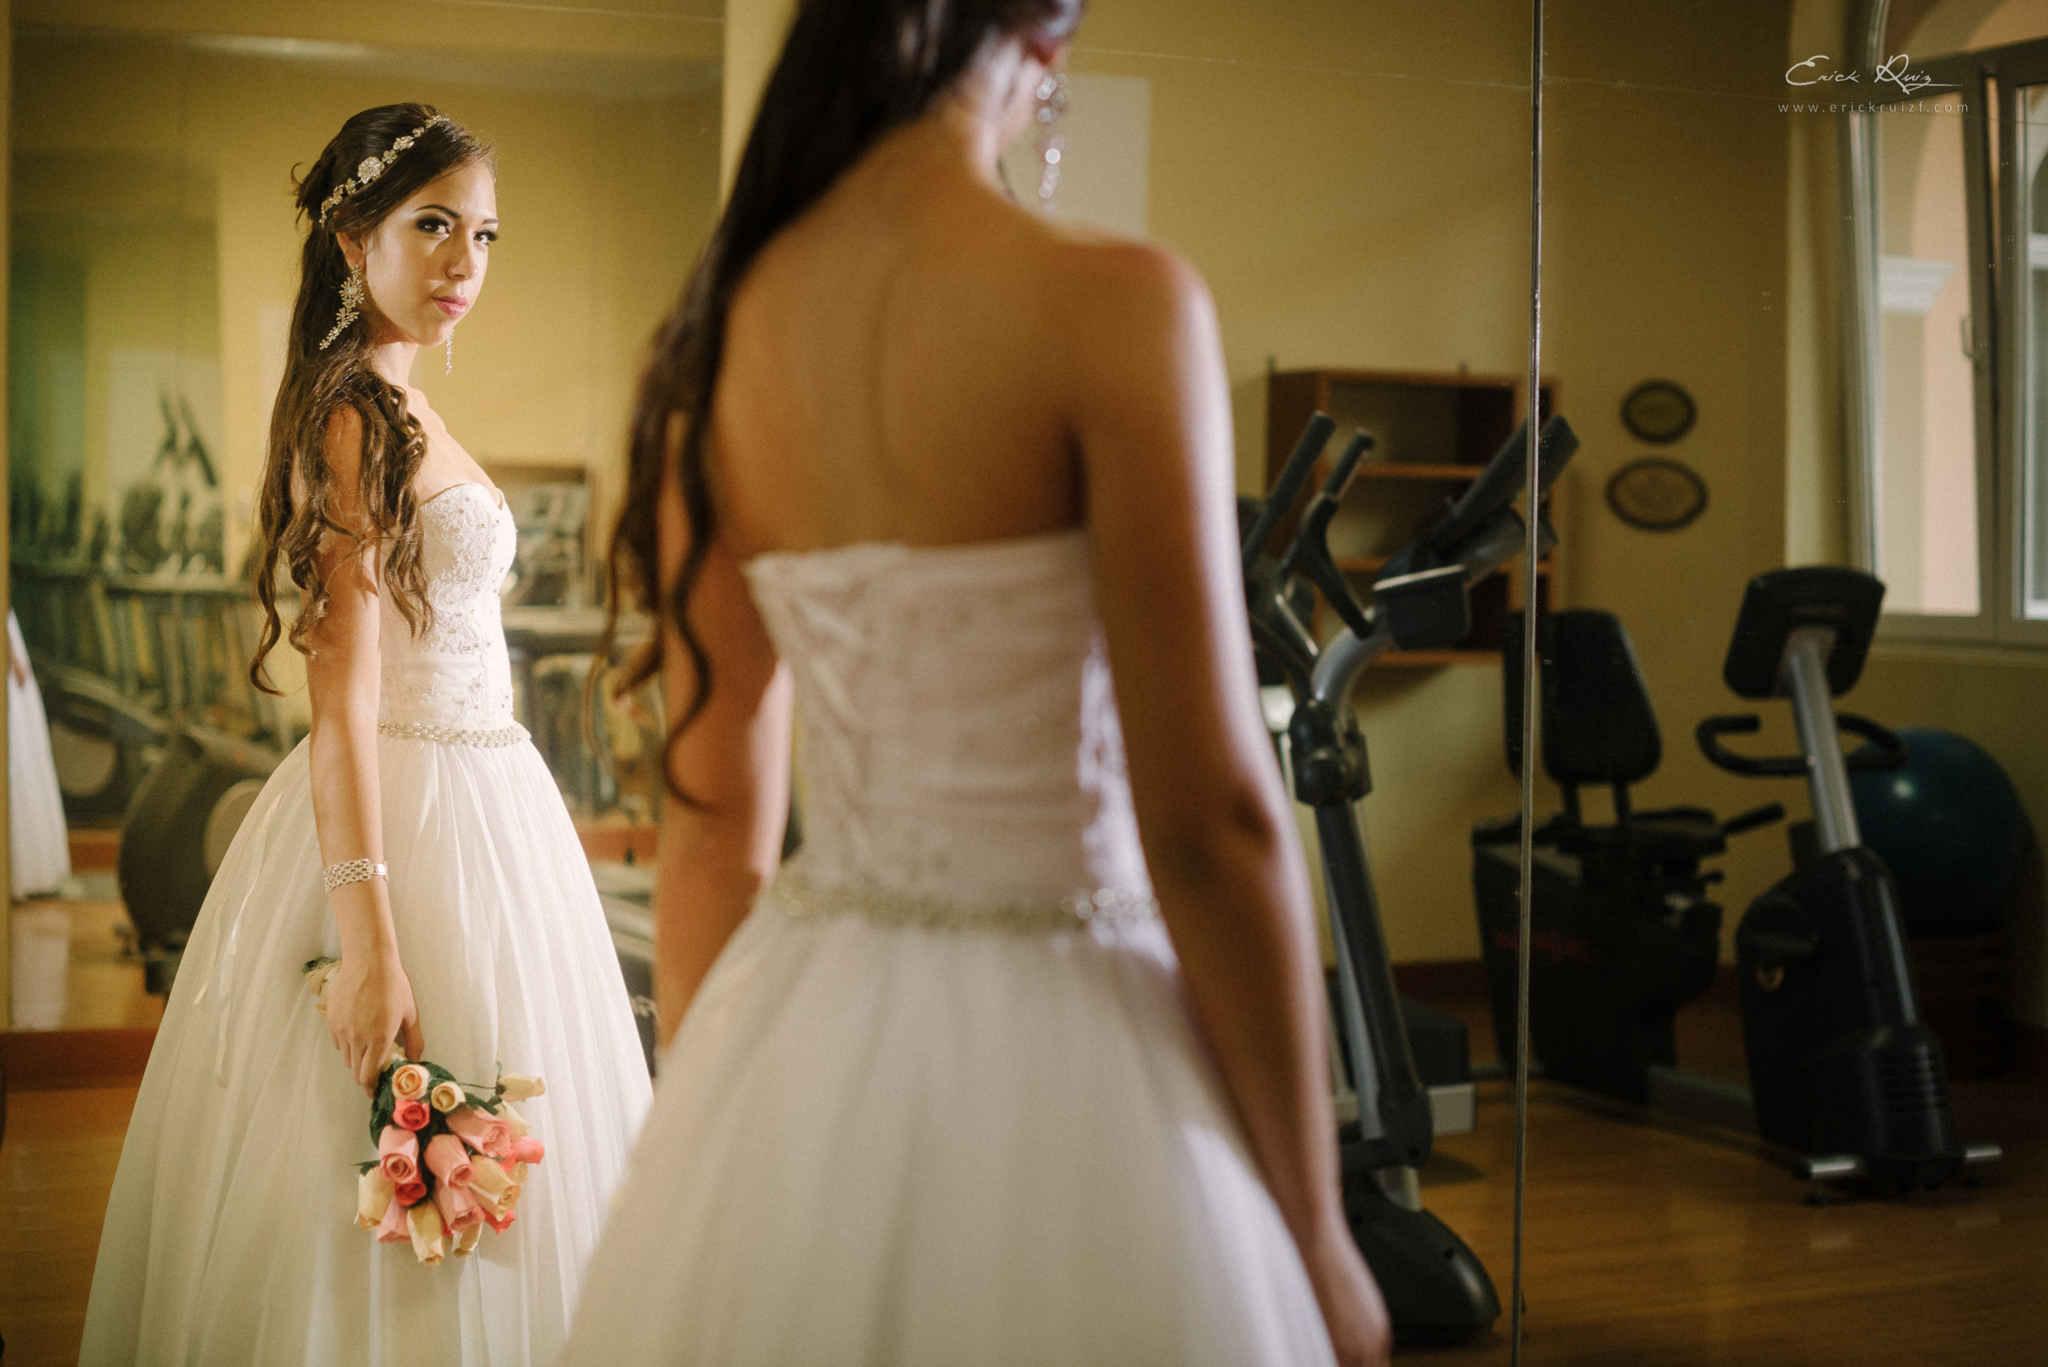 sesion novias y vestidos elegantes sin limits, fotografo de bodas en piura, los portales piura